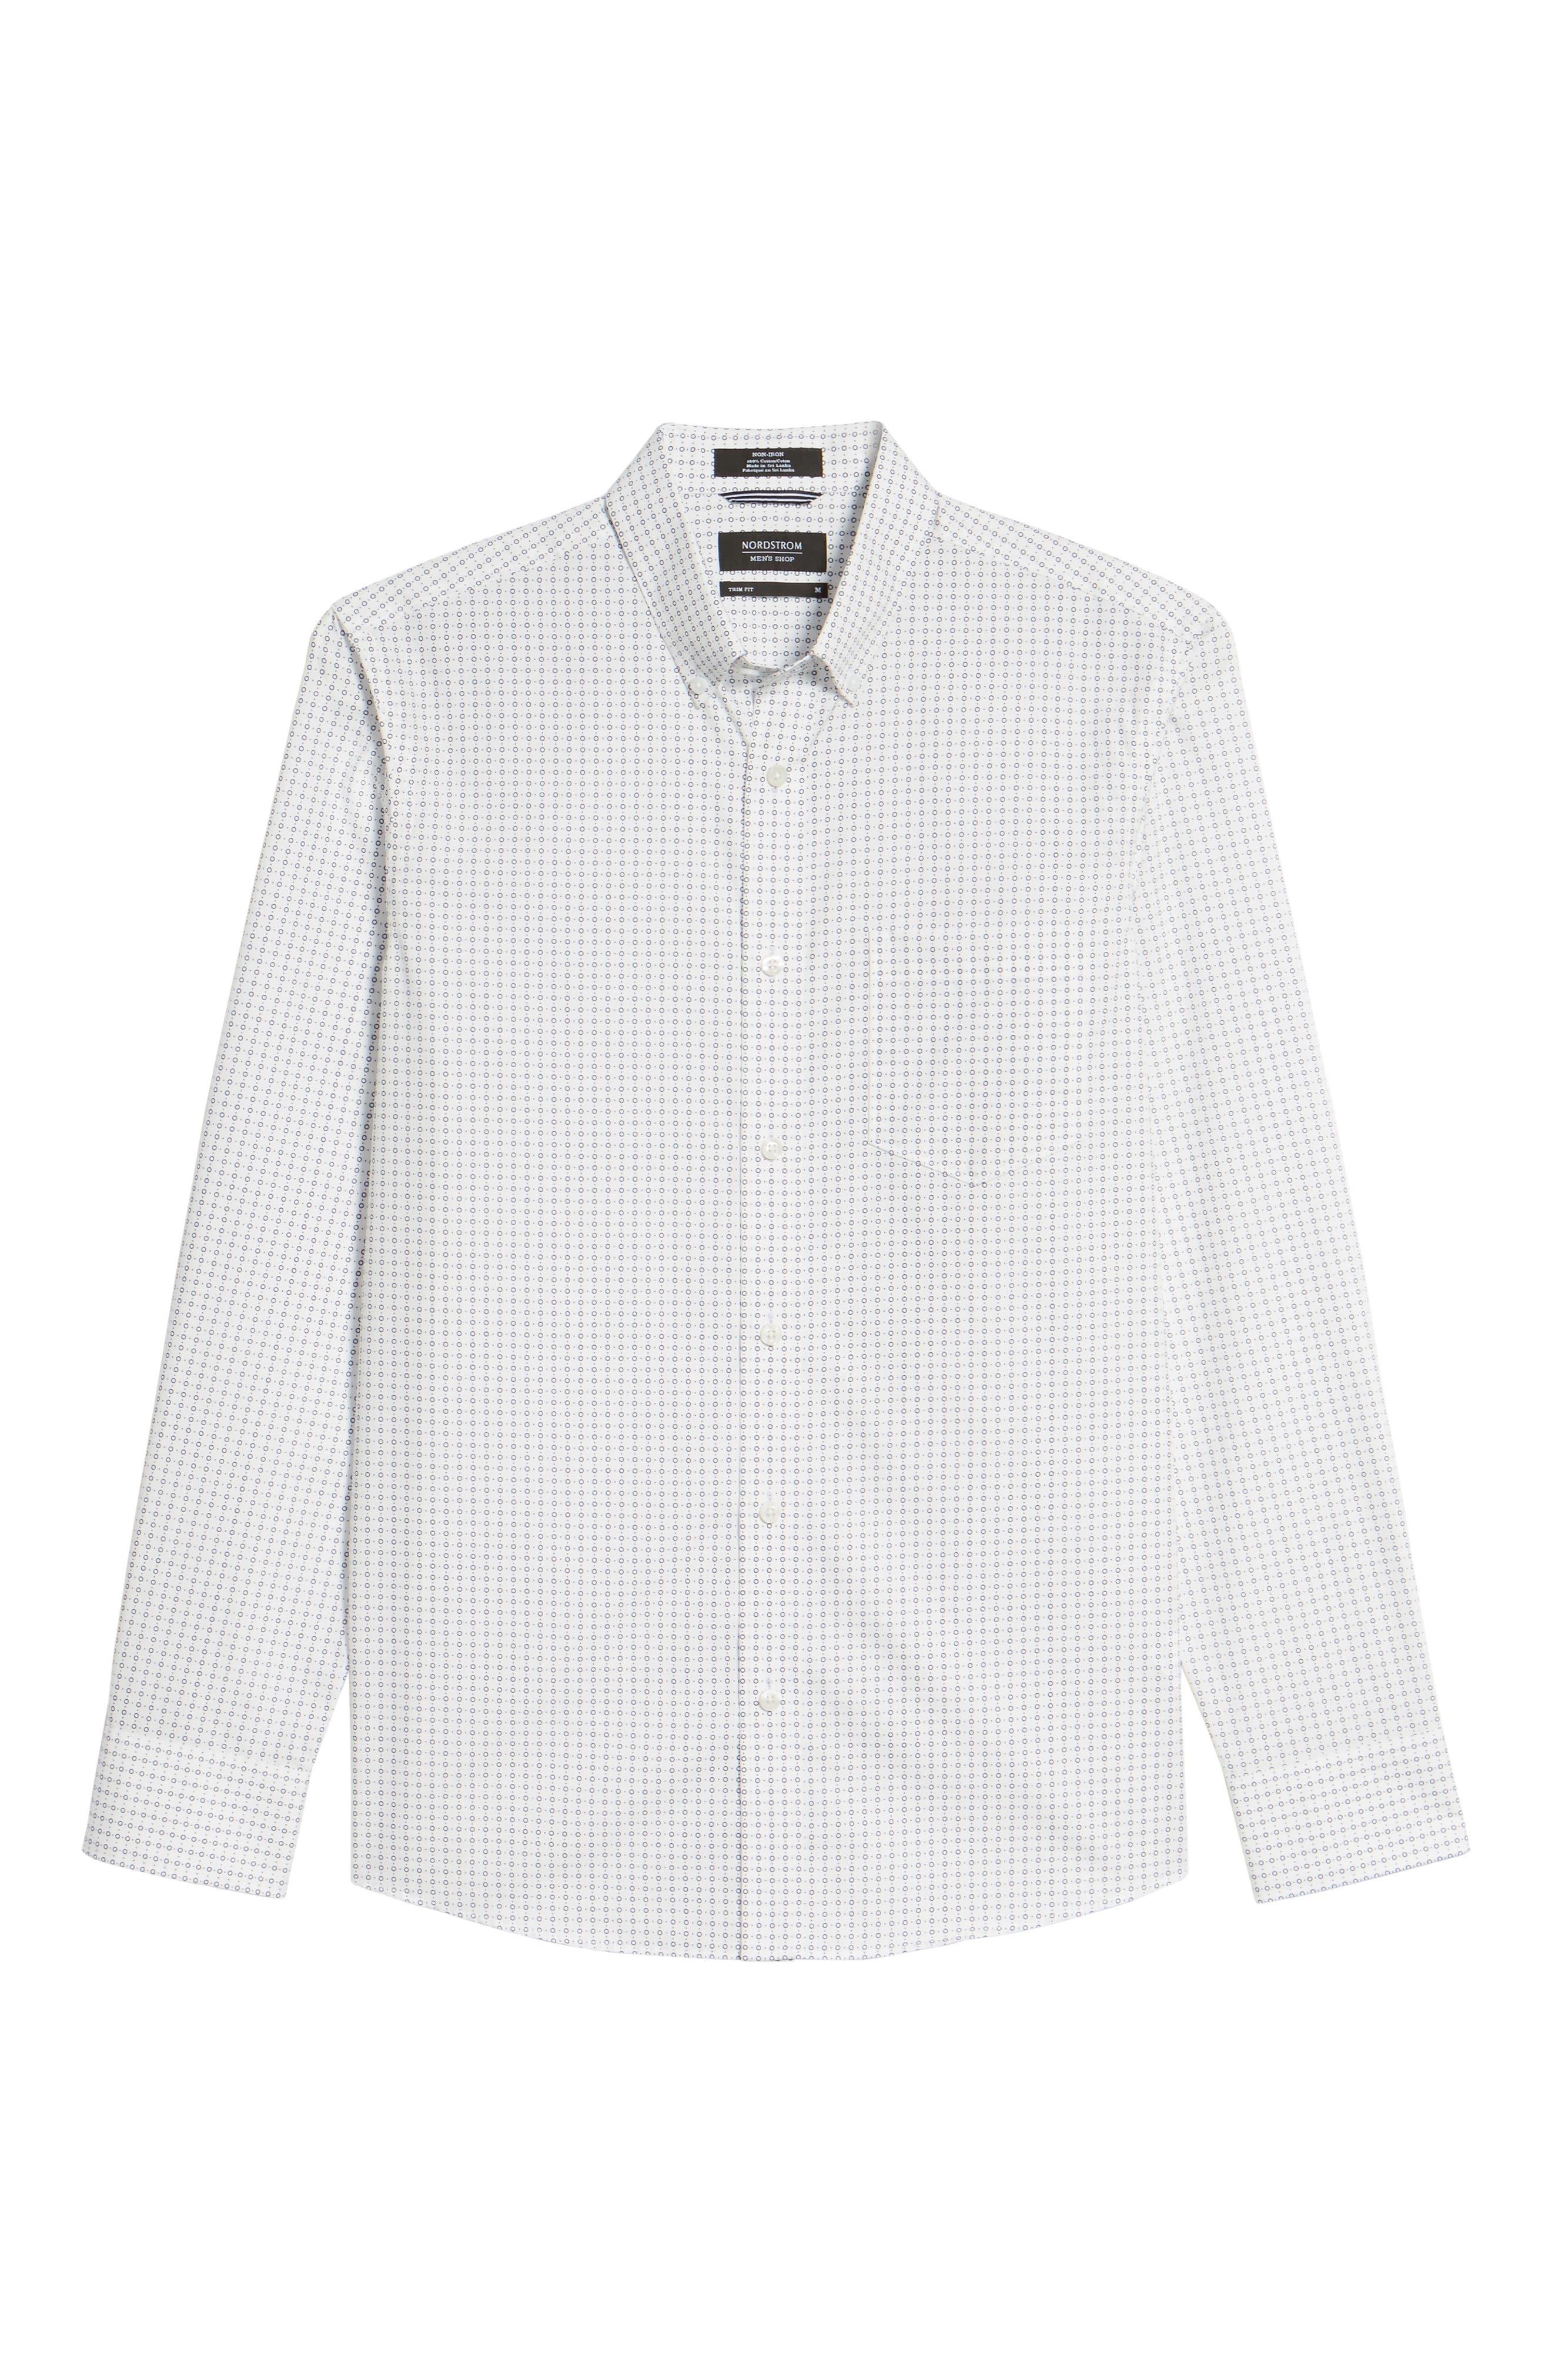 Trim Fit Non-Iron Circle Print Sport Shirt,                             Alternate thumbnail 6, color,                             Ivory Egret Circle Print